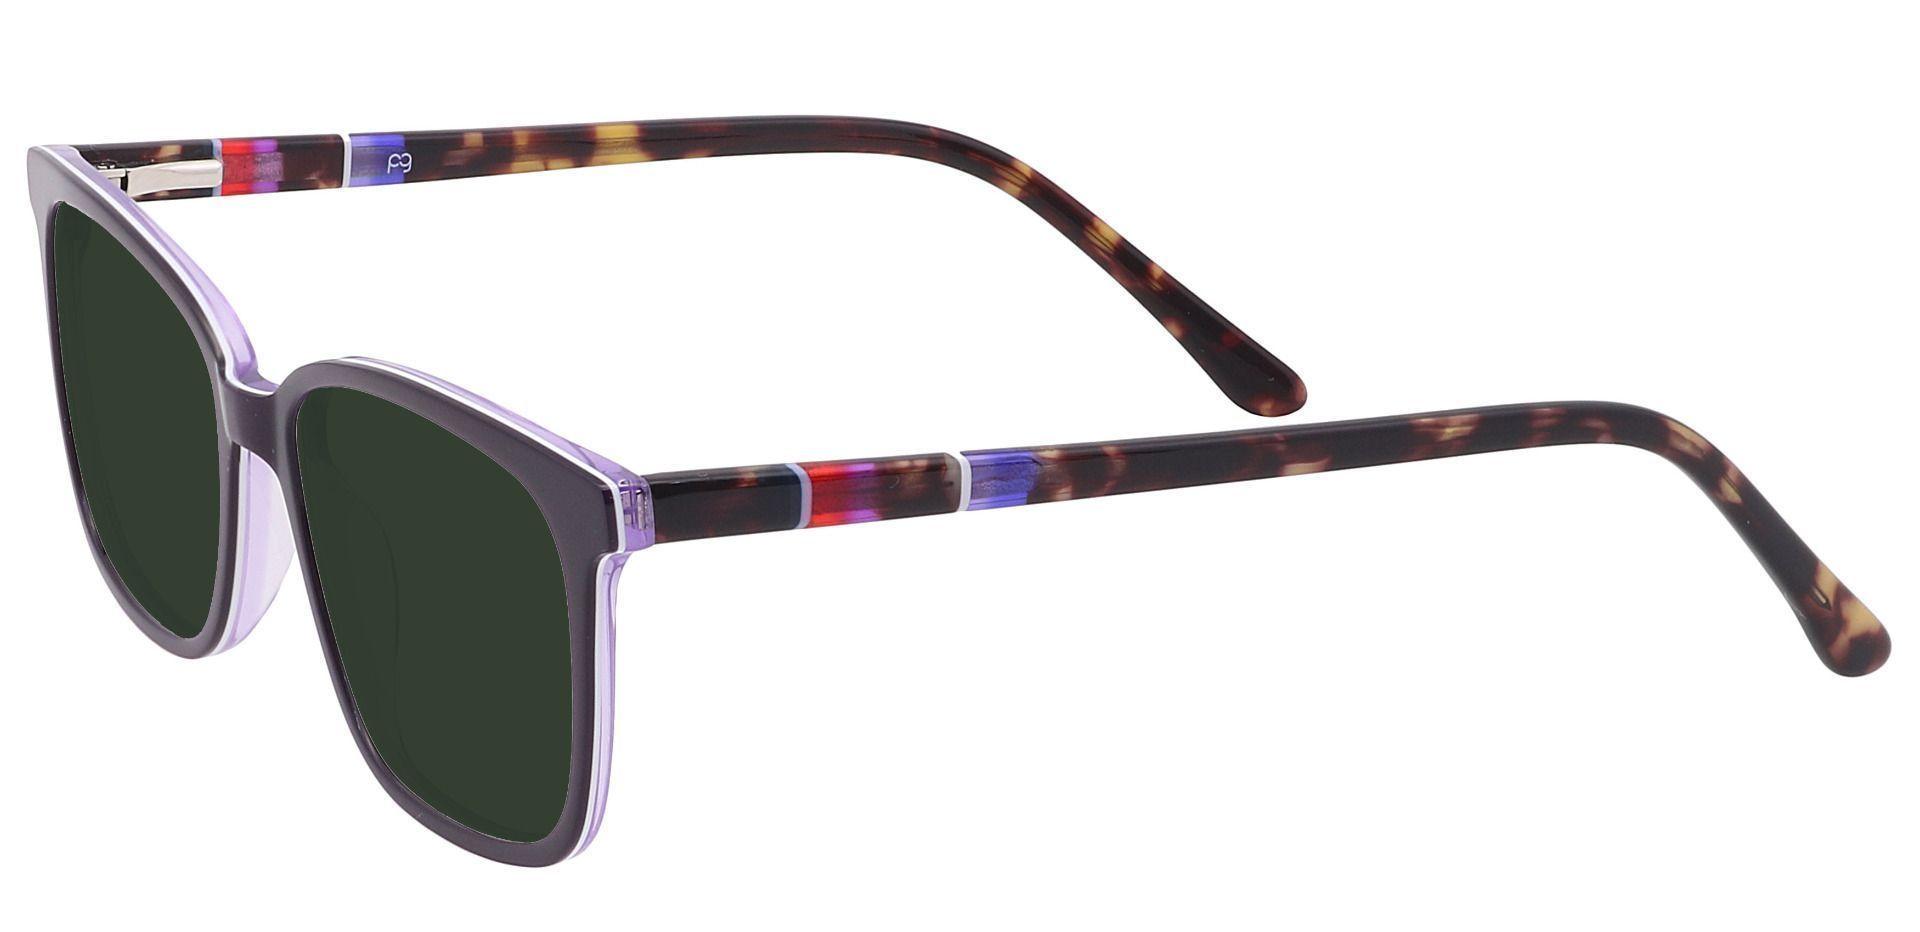 Fern Square Prescription Sunglasses - Purple Frame With Green Lenses